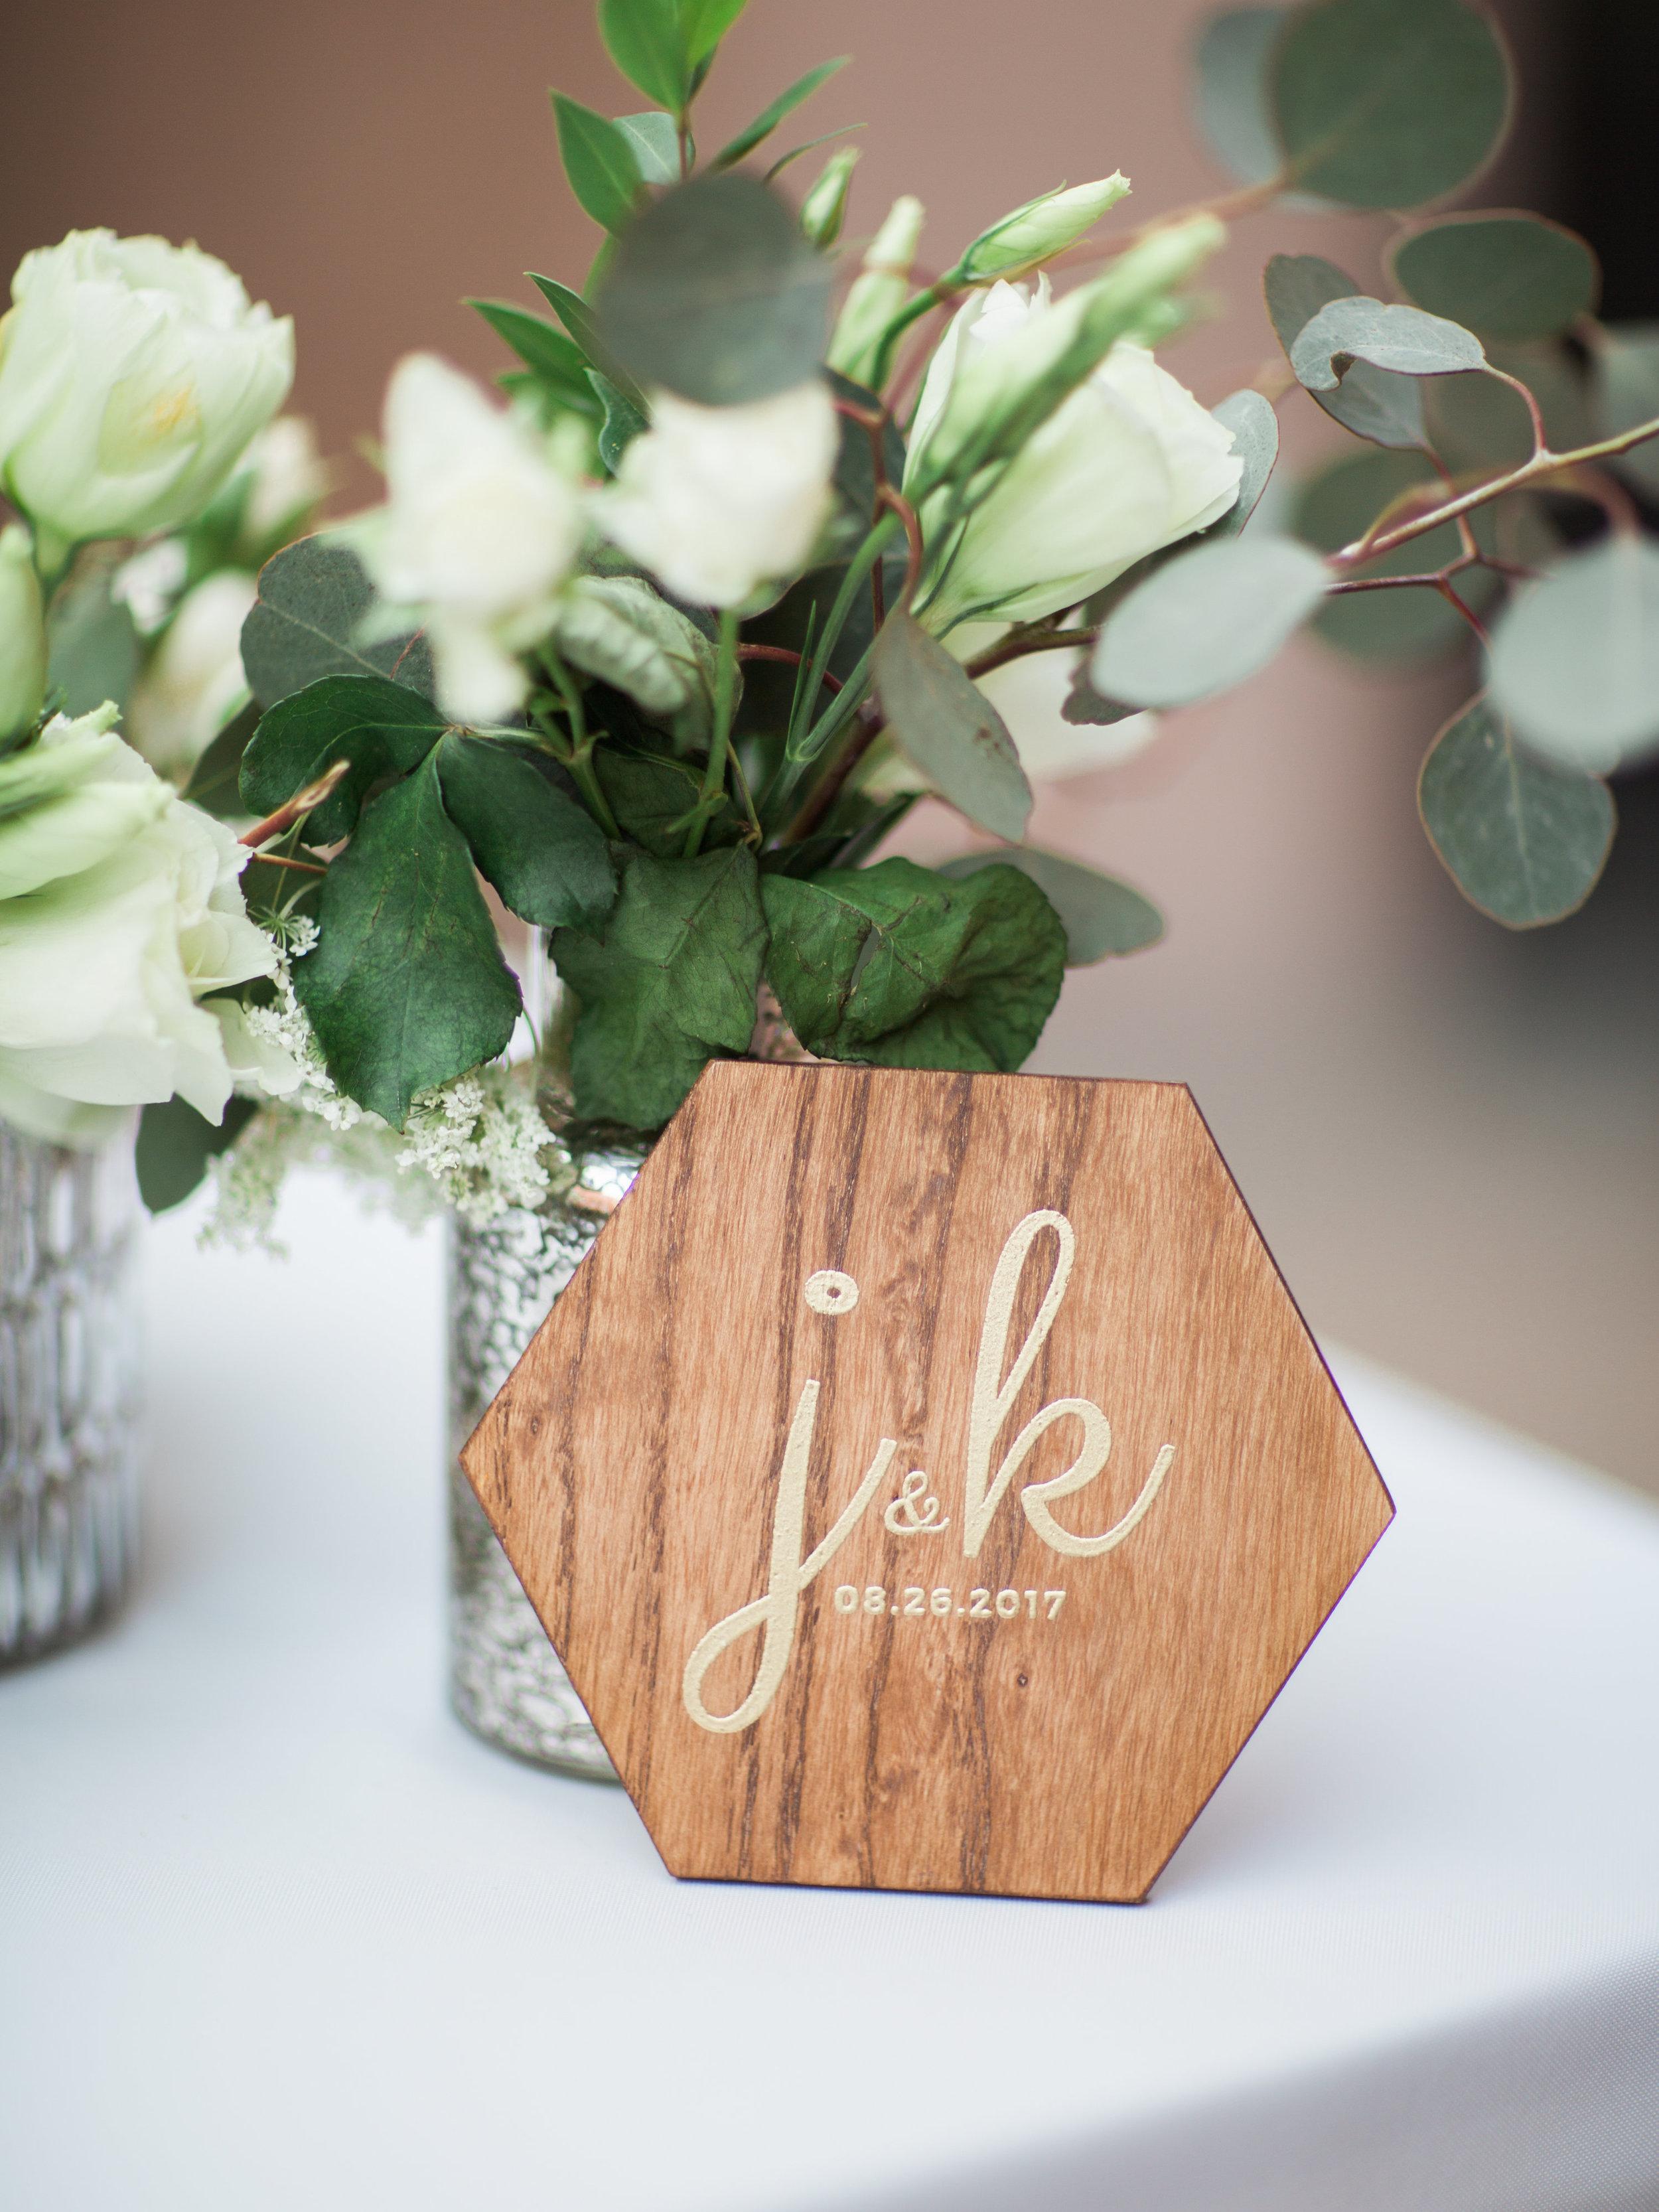 DIY Wedding Coasters